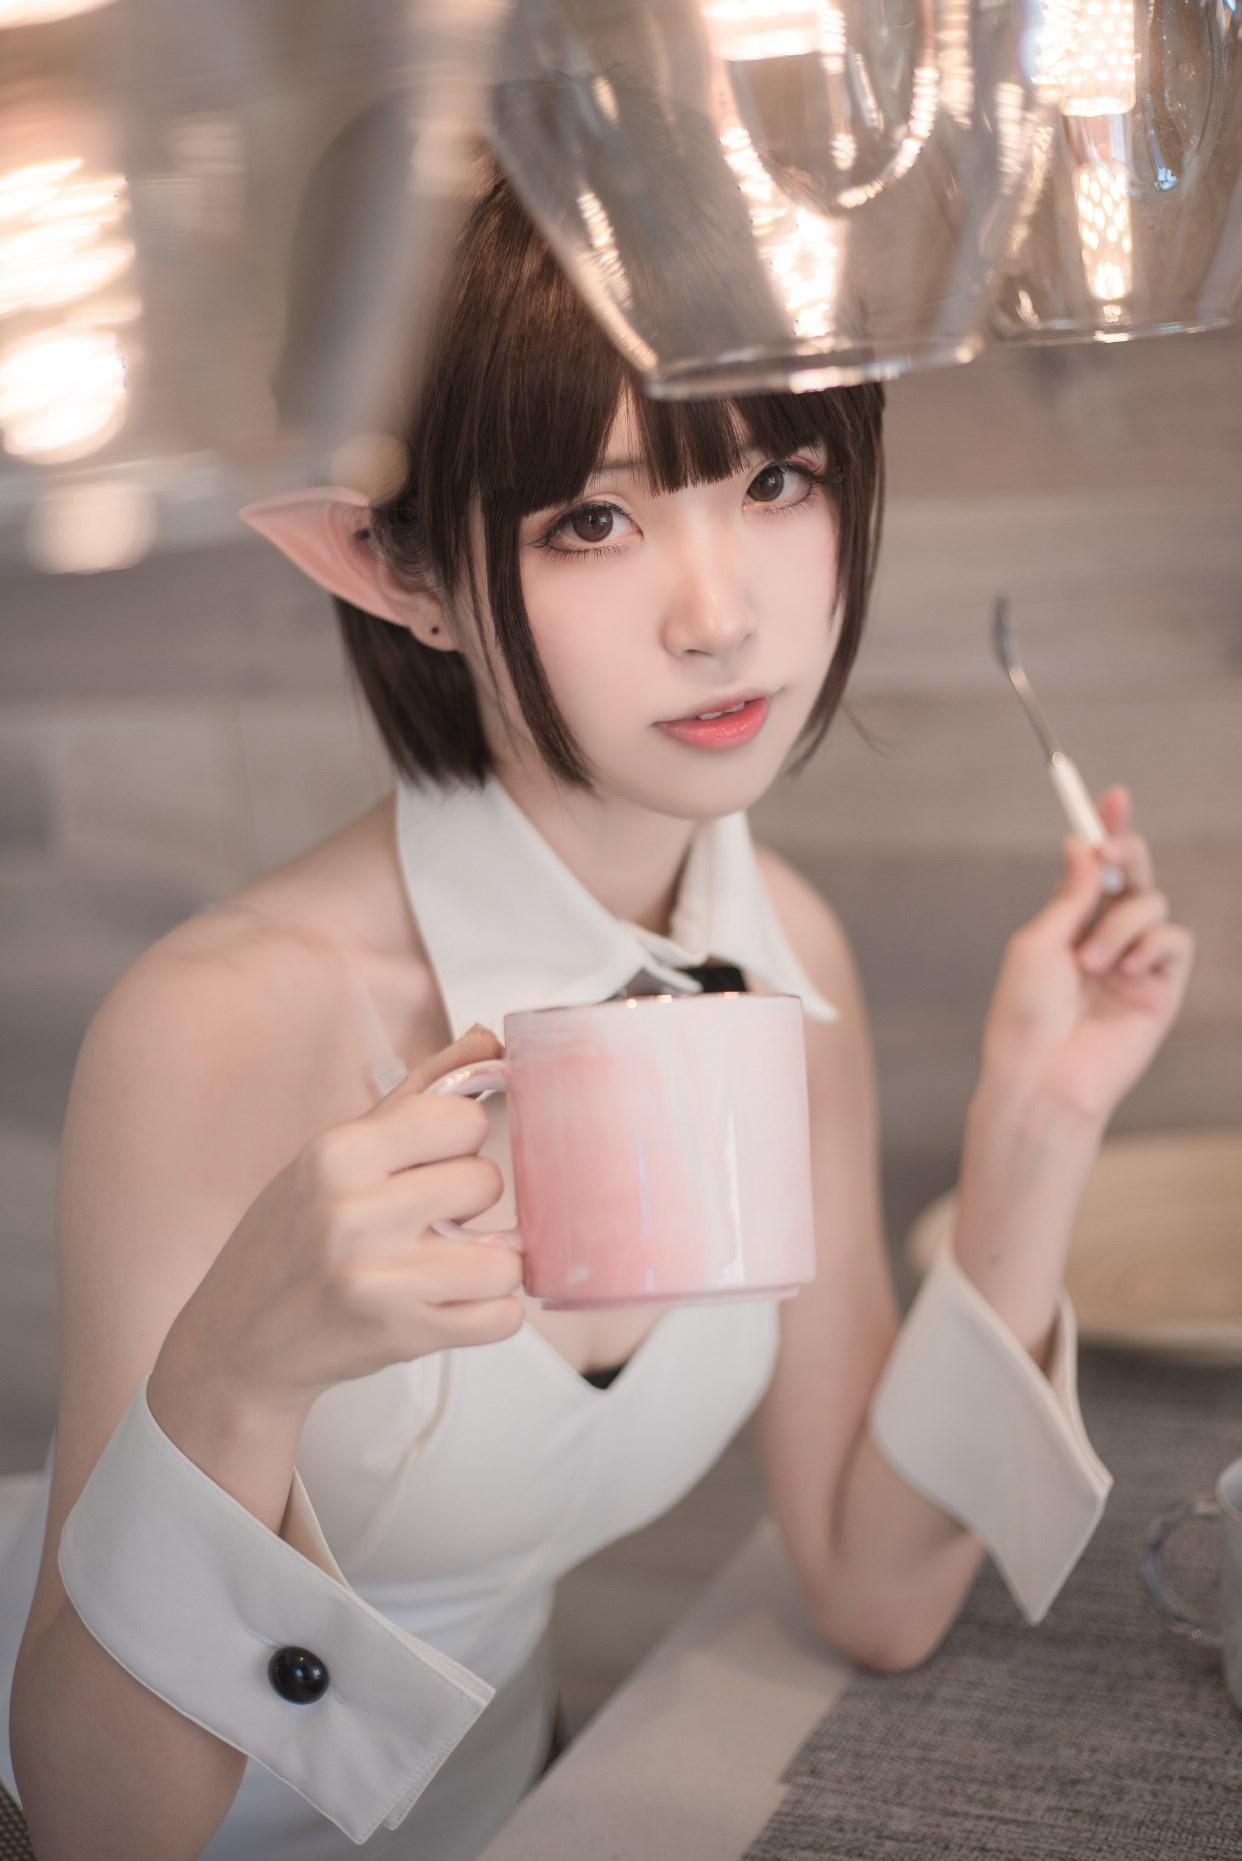 【兔玩映画】兔女郎vol.24-精灵 兔玩映画 第31张